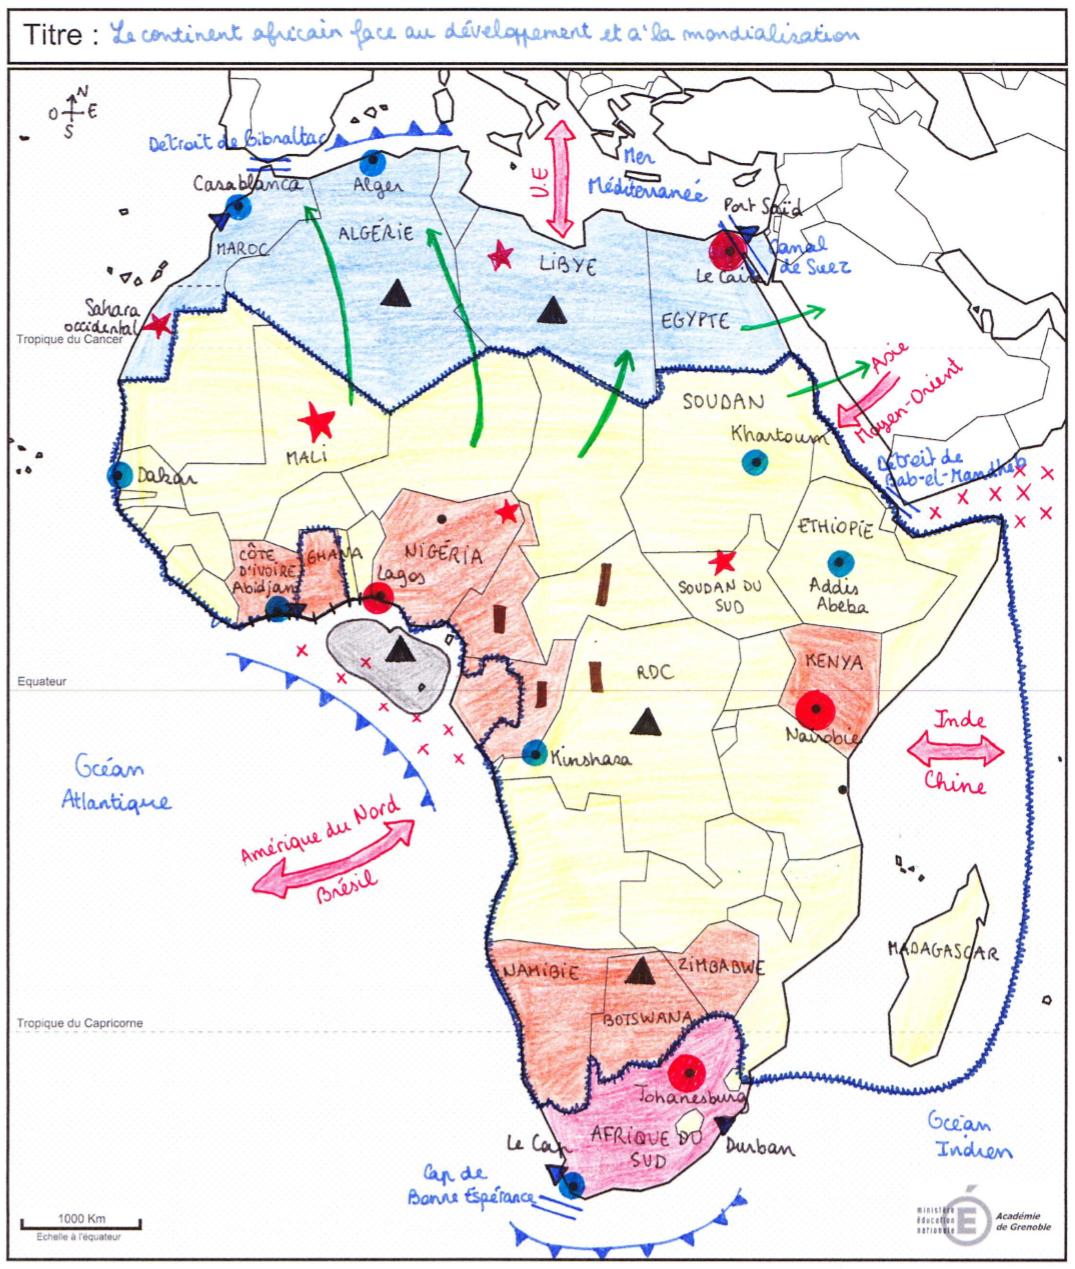 Carte Afrique Bac.Croquis Le Continent Africain Contrastes De Developpement